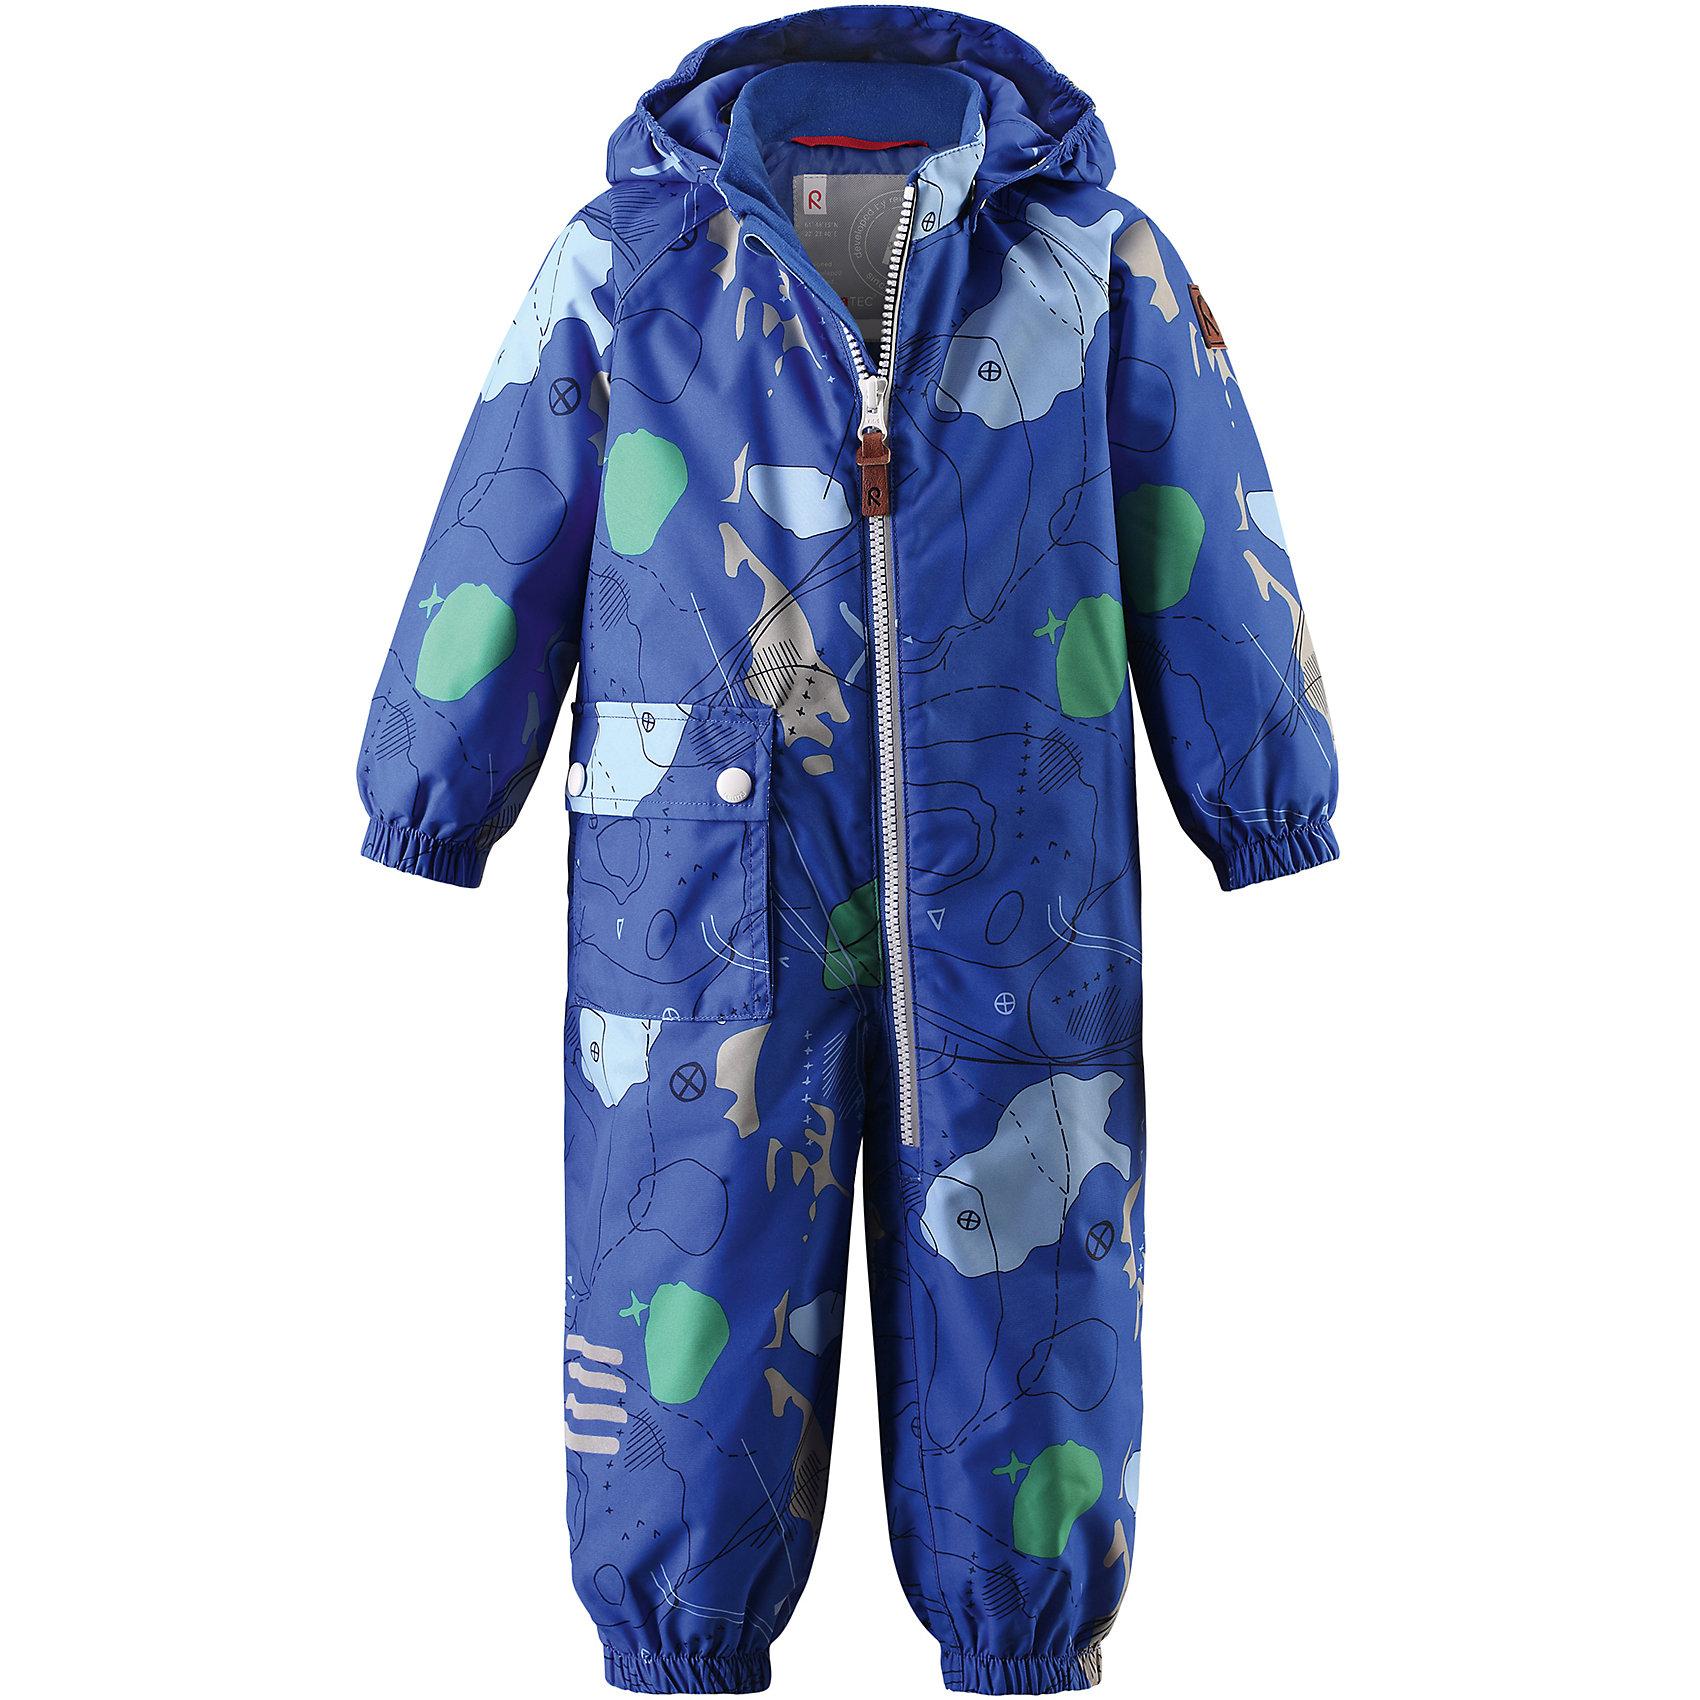 Комбинезон Leikki для мальчика Reimatec® ReimaВерхняя одежда<br>Характеристики товара:<br><br>• цвет: синий<br>• состав: 100% полиэстер, полиуретановое покрытие<br>• температурный режим: от 0° до +10°С<br>• легкий утеплитель: 80 гр/м2<br>• водонепроницаемость: 8000 мм<br>• воздухопроницаемость: 5000 мм<br>• износостойкость: 30000 циклов (тест Мартиндейла)<br>• основные швы проклеены, водонепроницаемы<br>• водо- и ветронепроницаемый, дышащий, грязеотталкивающий материал<br>• гладкая подкладка из полиэстера по всему изделию, mesh сетка на капюшоне<br>• безопасный съёмный капюшон<br>• эластичные манжеты<br>• талия регулируется изнутри<br>• эластичные манжеты на брючинах<br>• эластичные съёмные штрипки<br>• накладной карман<br>• светоотражающие детали<br>• комфортная посадка<br>• страна производства: Китай<br>• страна бренда: Финляндия<br>• коллекция: весна-лето 2017<br><br>Верхняя одежда для детей может быть модной и комфортной одновременно! Демисезонный комбинезон поможет обеспечить ребенку комфорт и тепло. Он отлично смотрится с различной обувью. Изделие удобно сидит и модно выглядит. Материал - прочный, хорошо подходящий для межсезонья, водо- и ветронепроницаемый, «дышащий». Стильный дизайн разрабатывался специально для детей.<br><br>Одежда и обувь от финского бренда Reima пользуется популярностью во многих странах. Эти изделия стильные, качественные и удобные. Для производства продукции используются только безопасные, проверенные материалы и фурнитура. Порадуйте ребенка модными и красивыми вещами от Reima! <br><br>Комбинезон для мальчика Reimatec® от финского бренда Reima (Рейма) можно купить в нашем интернет-магазине.<br><br>Ширина мм: 356<br>Глубина мм: 10<br>Высота мм: 245<br>Вес г: 519<br>Цвет: синий<br>Возраст от месяцев: 6<br>Возраст до месяцев: 9<br>Пол: Мужской<br>Возраст: Детский<br>Размер: 74,98,92,86,80<br>SKU: 5265742